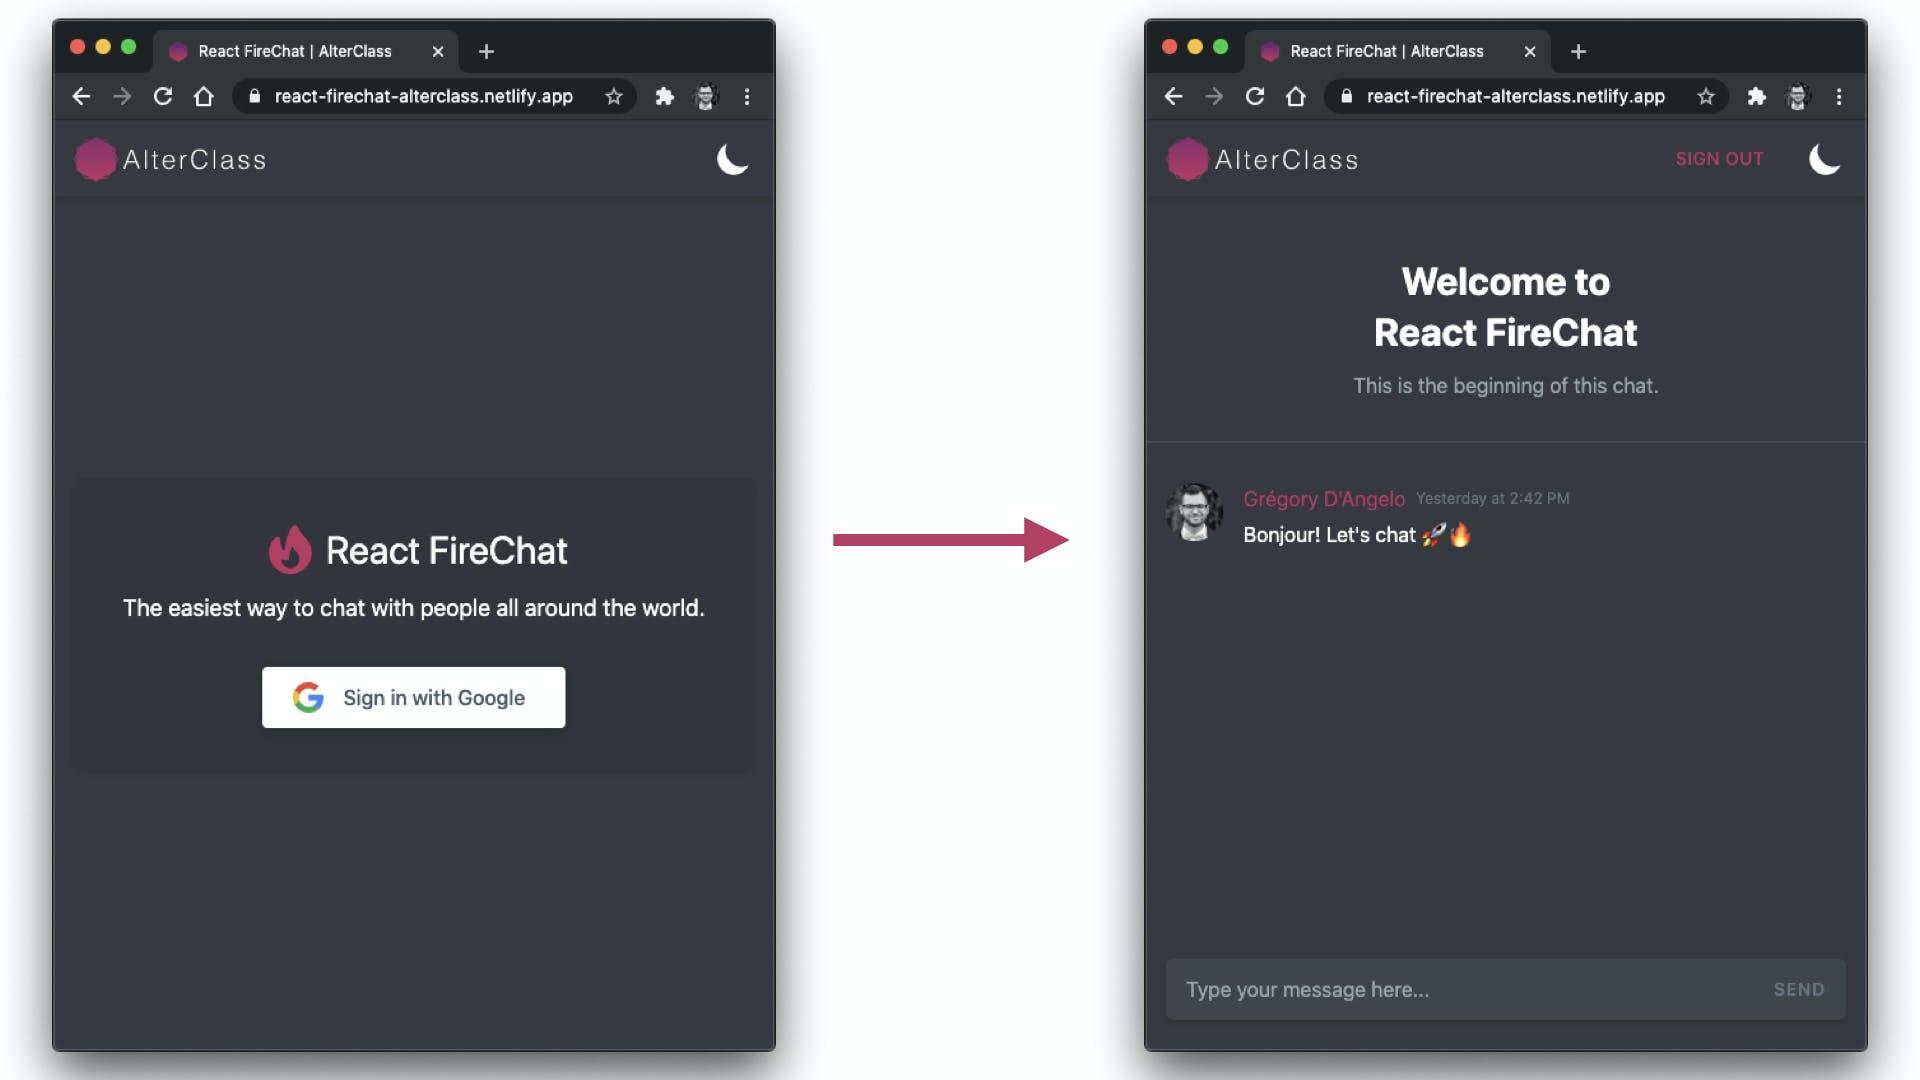 React Firebase App Views